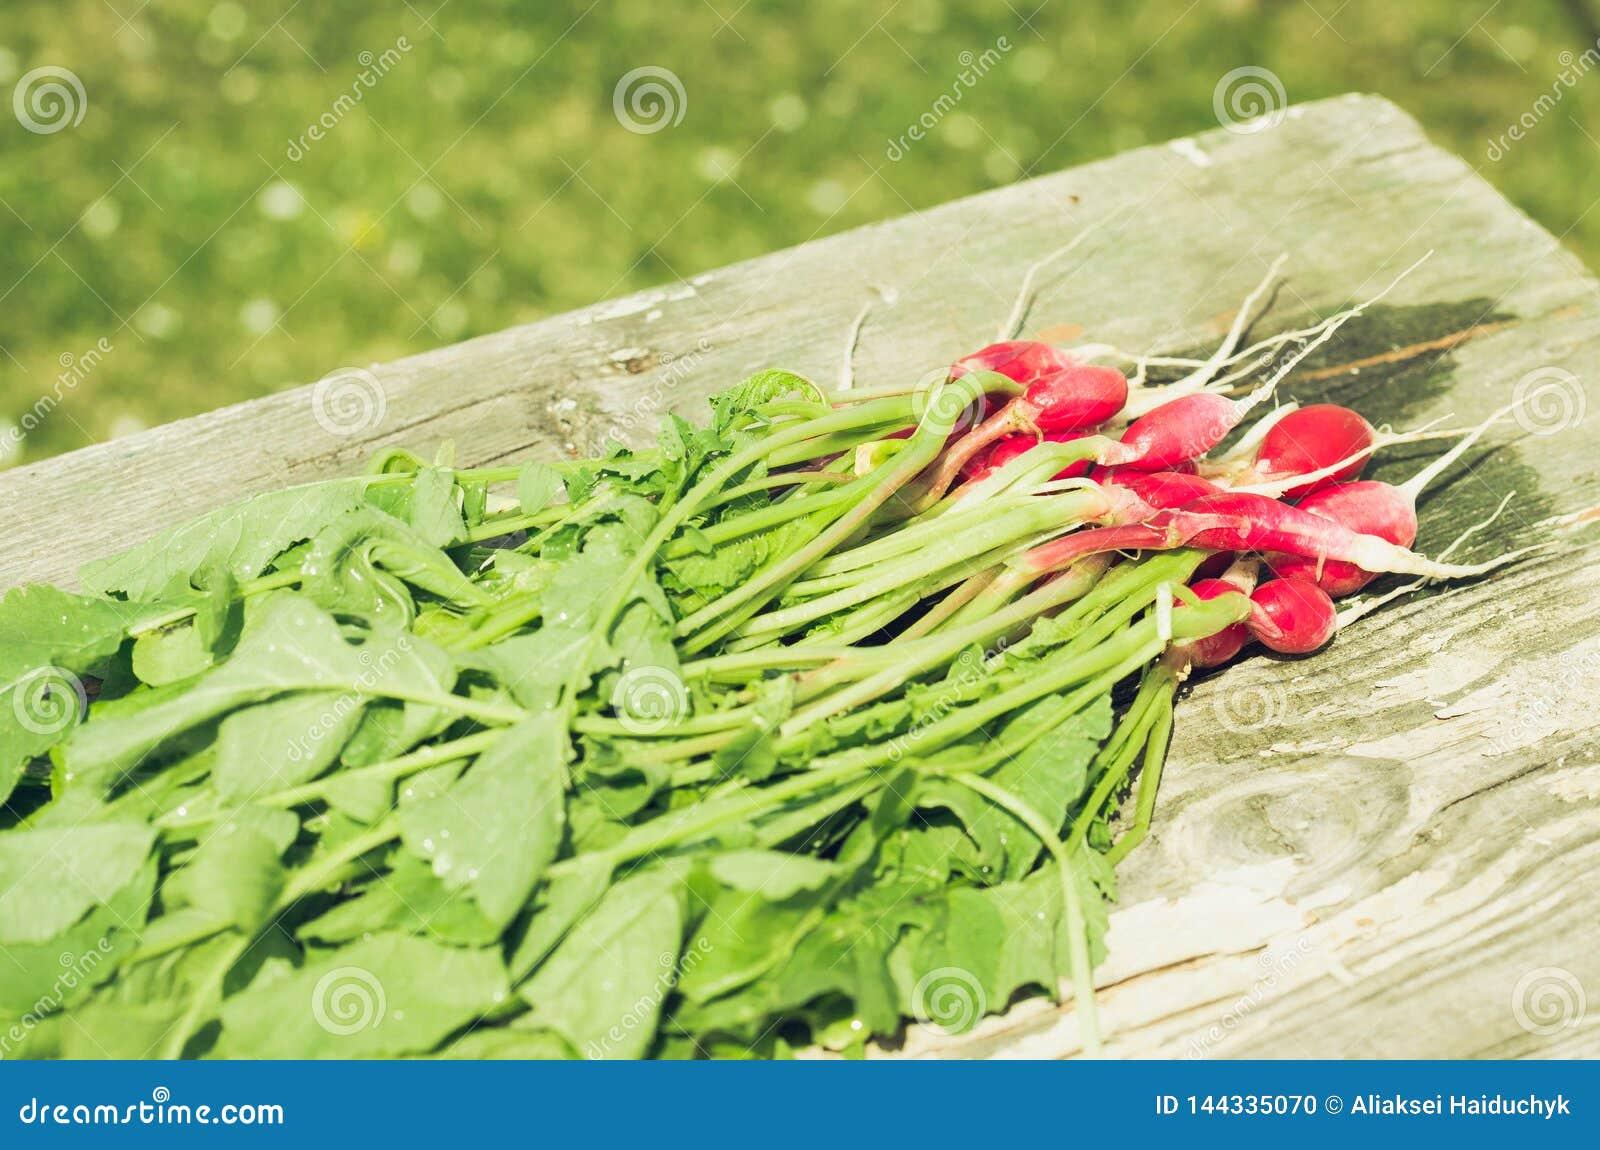 fresh garden radish on an old wooden background/fresh garden radish on an old wooden background